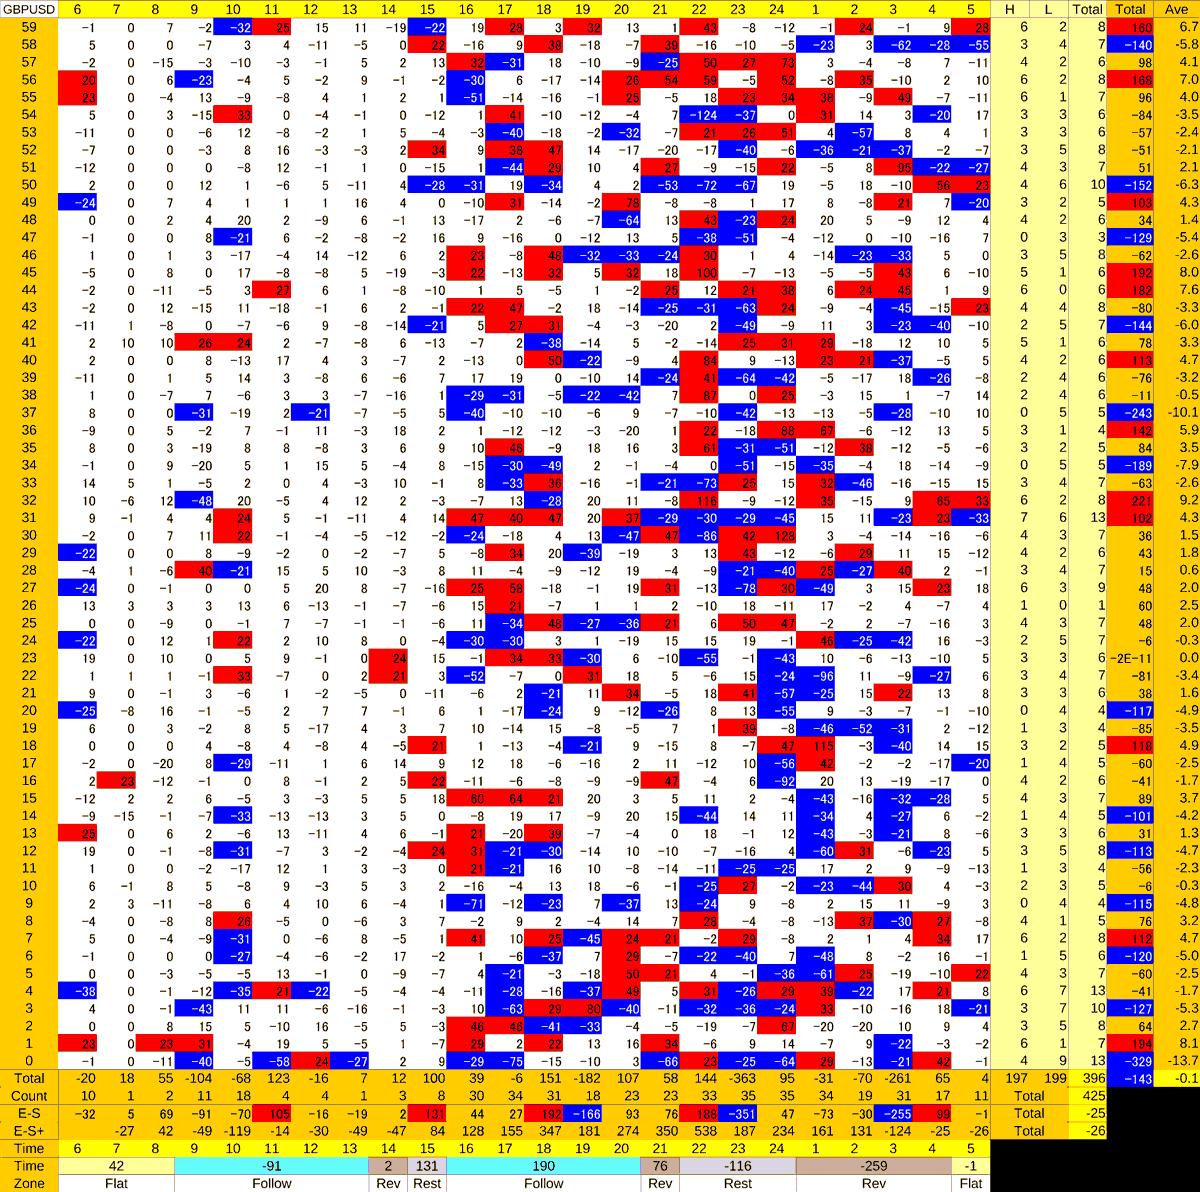 20210108_HS(2)GBPUSD